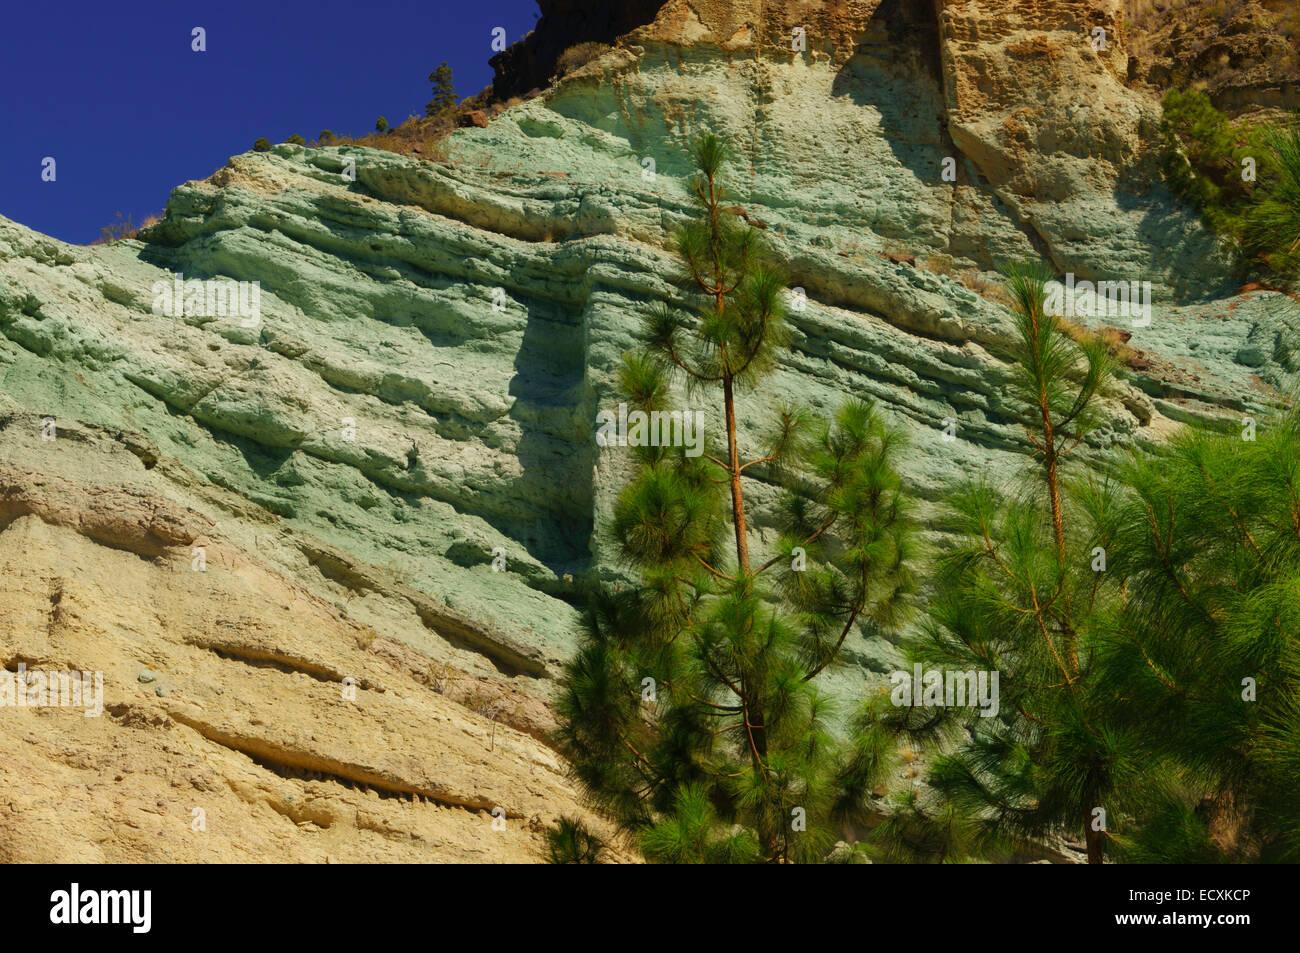 Gran canaria fuente de los azulejos coloured rocks - Los azulejos gran canaria ...